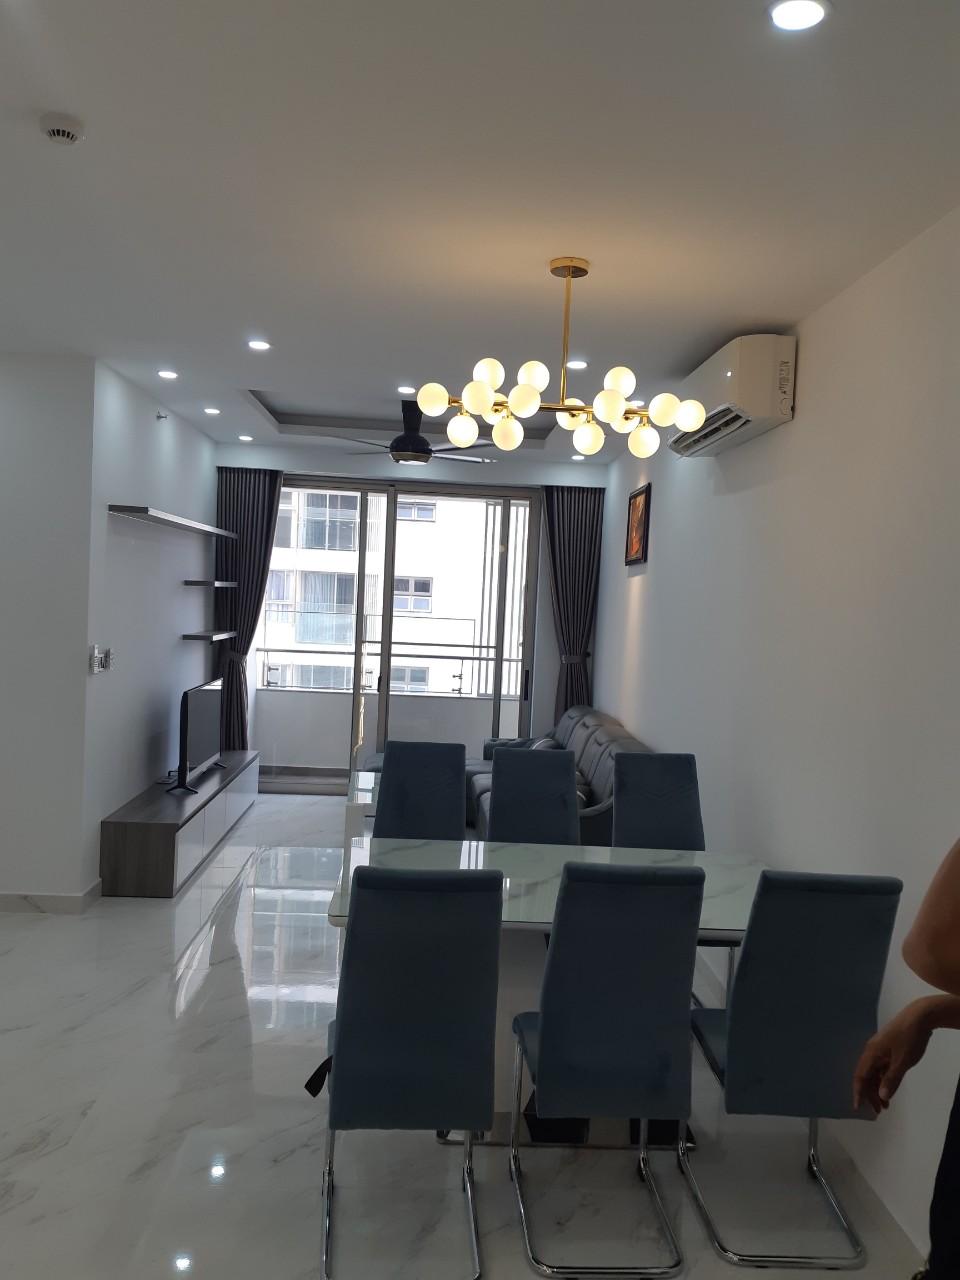 Cần cho thuê căn hộ Midtown M6, 91 m2, 2 phòng ngủ, full nội thất, giá thuê 30 triệu